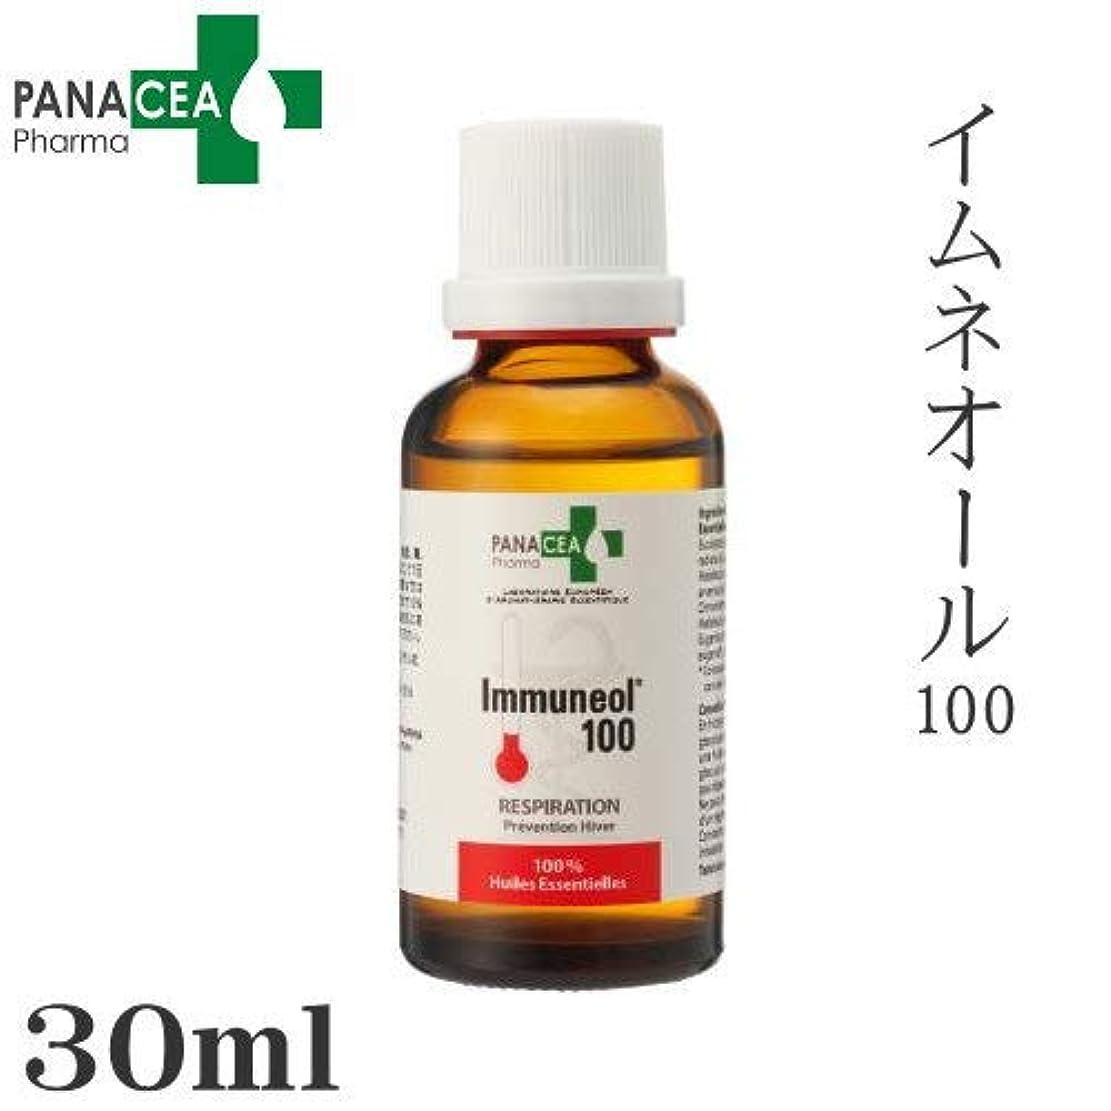 PANACEA PHARMA パナセア ファルマイムネオール100 正規品